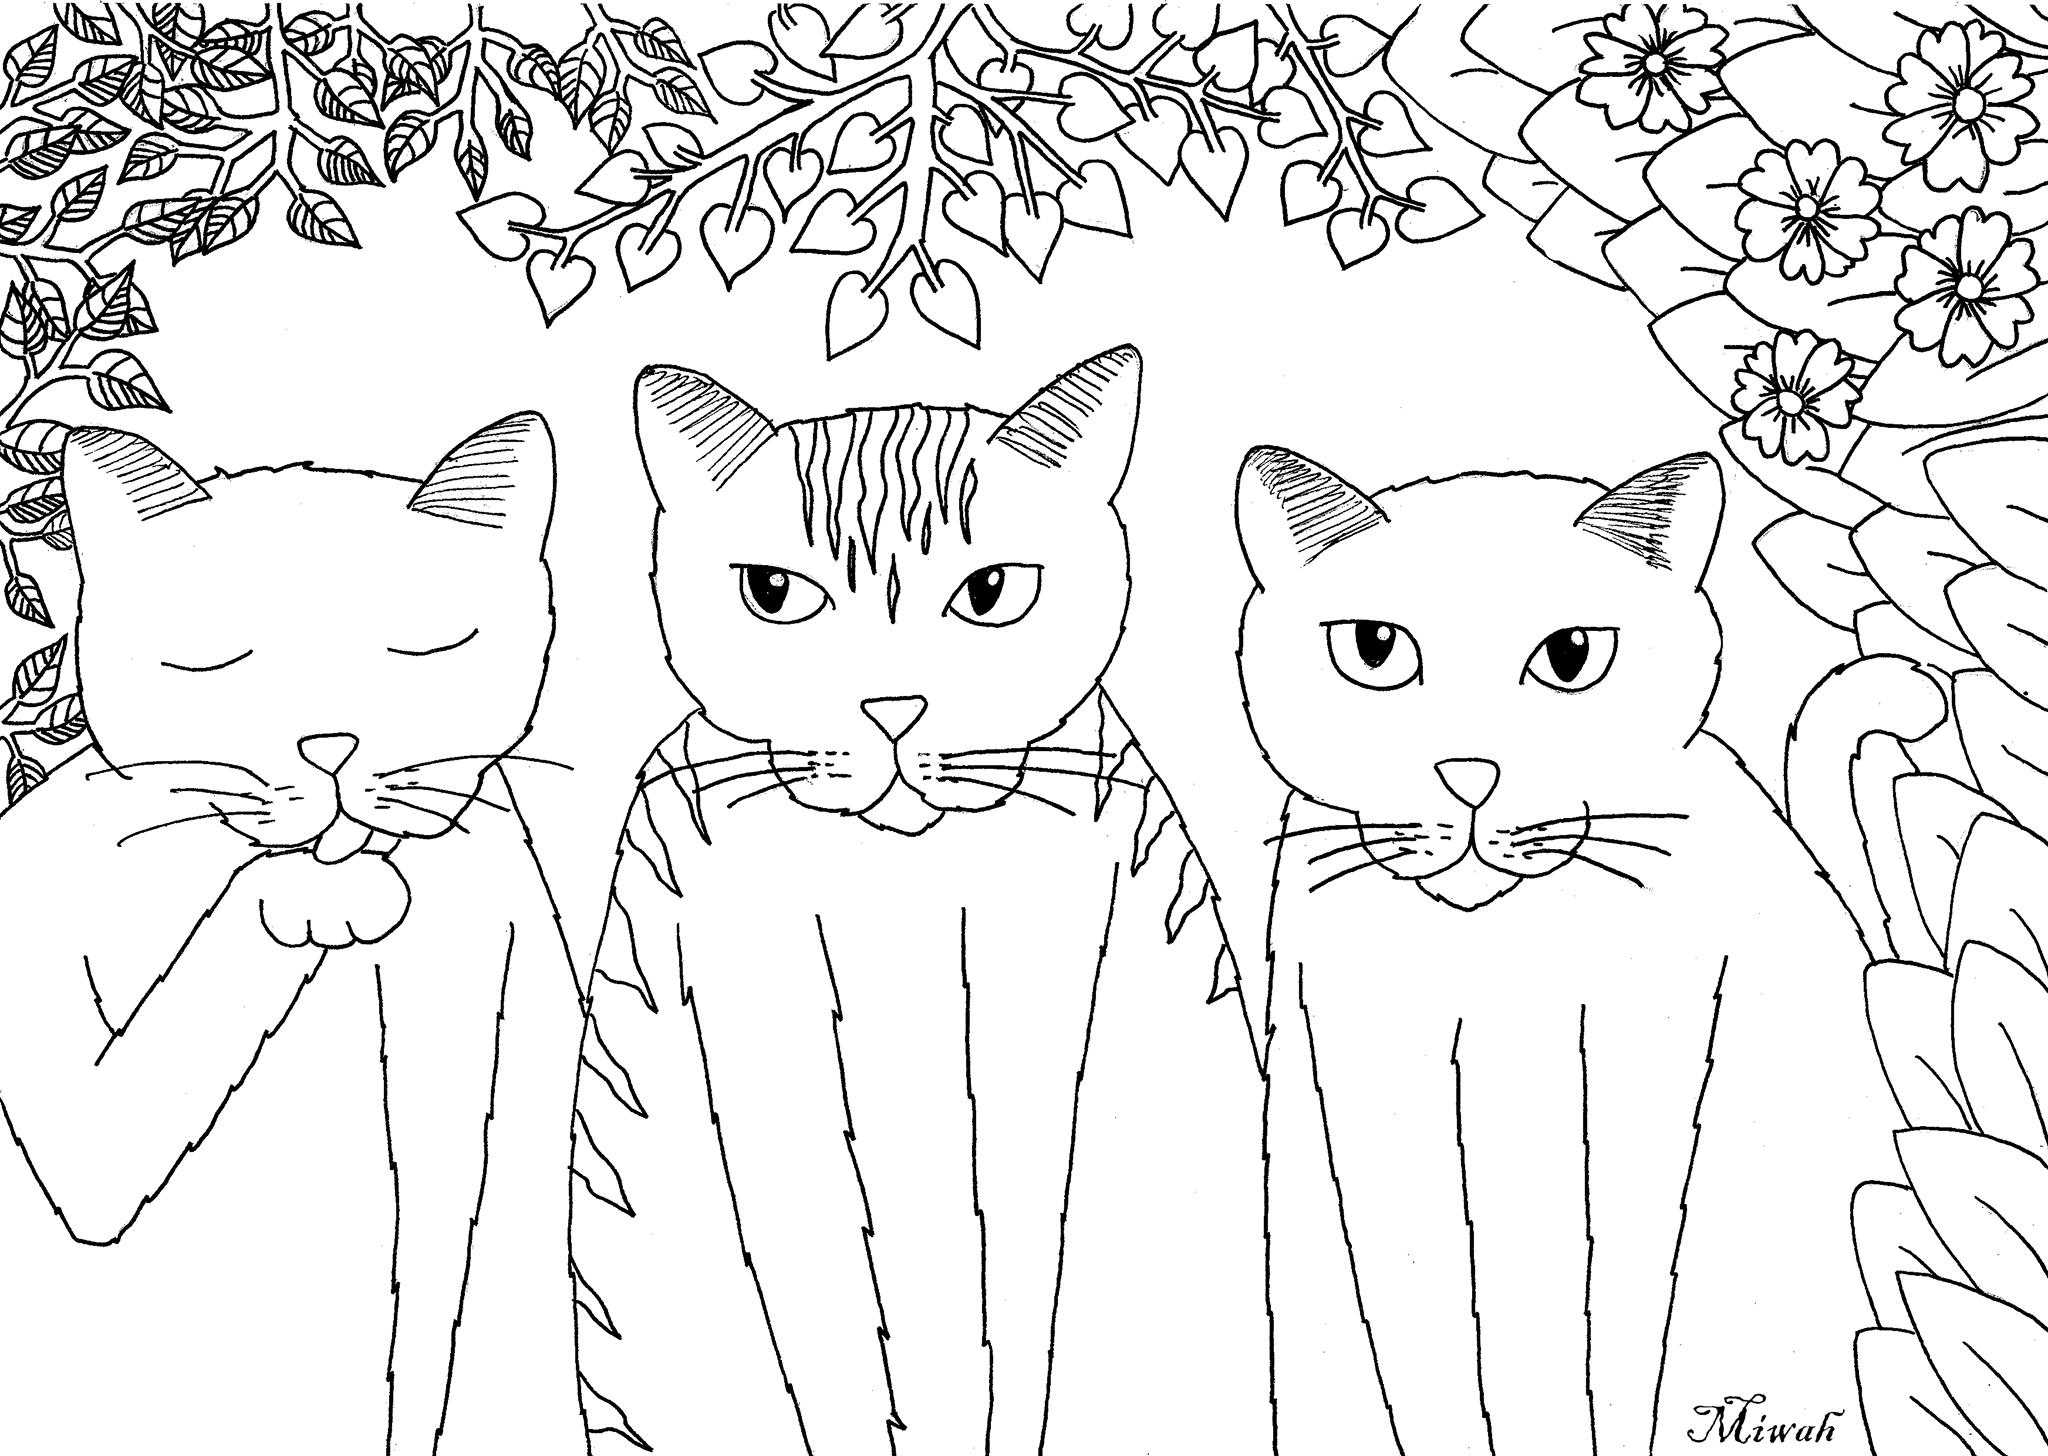 Trois jolis petits chats coloriage simple A partir de la galerie Animaux